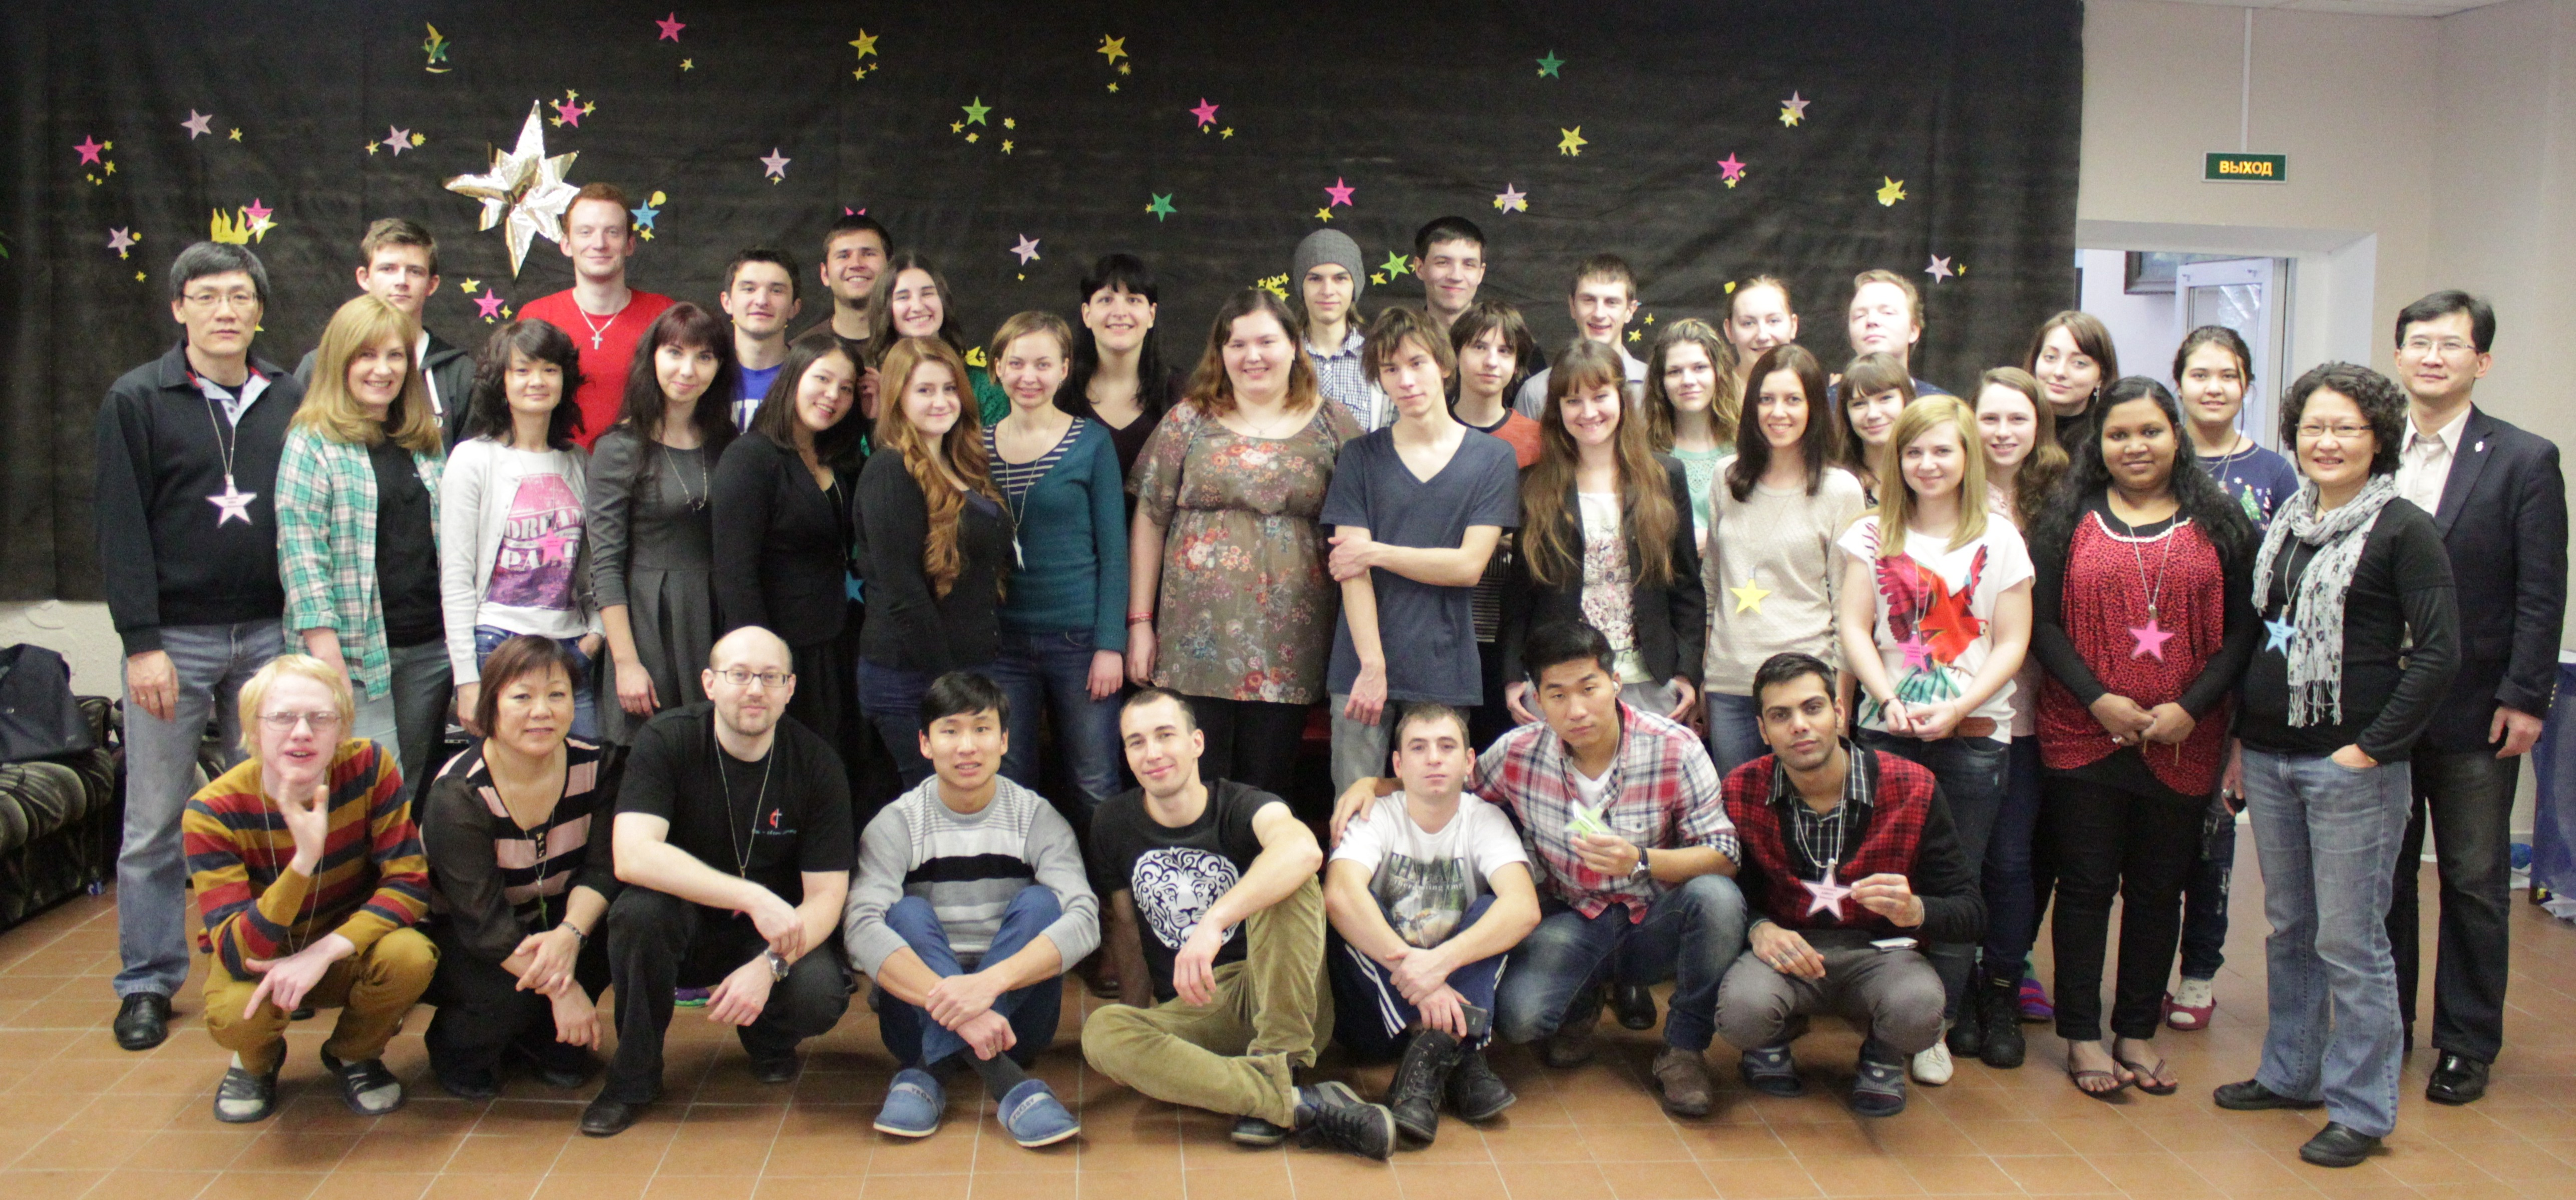 eurasian_umc_youth